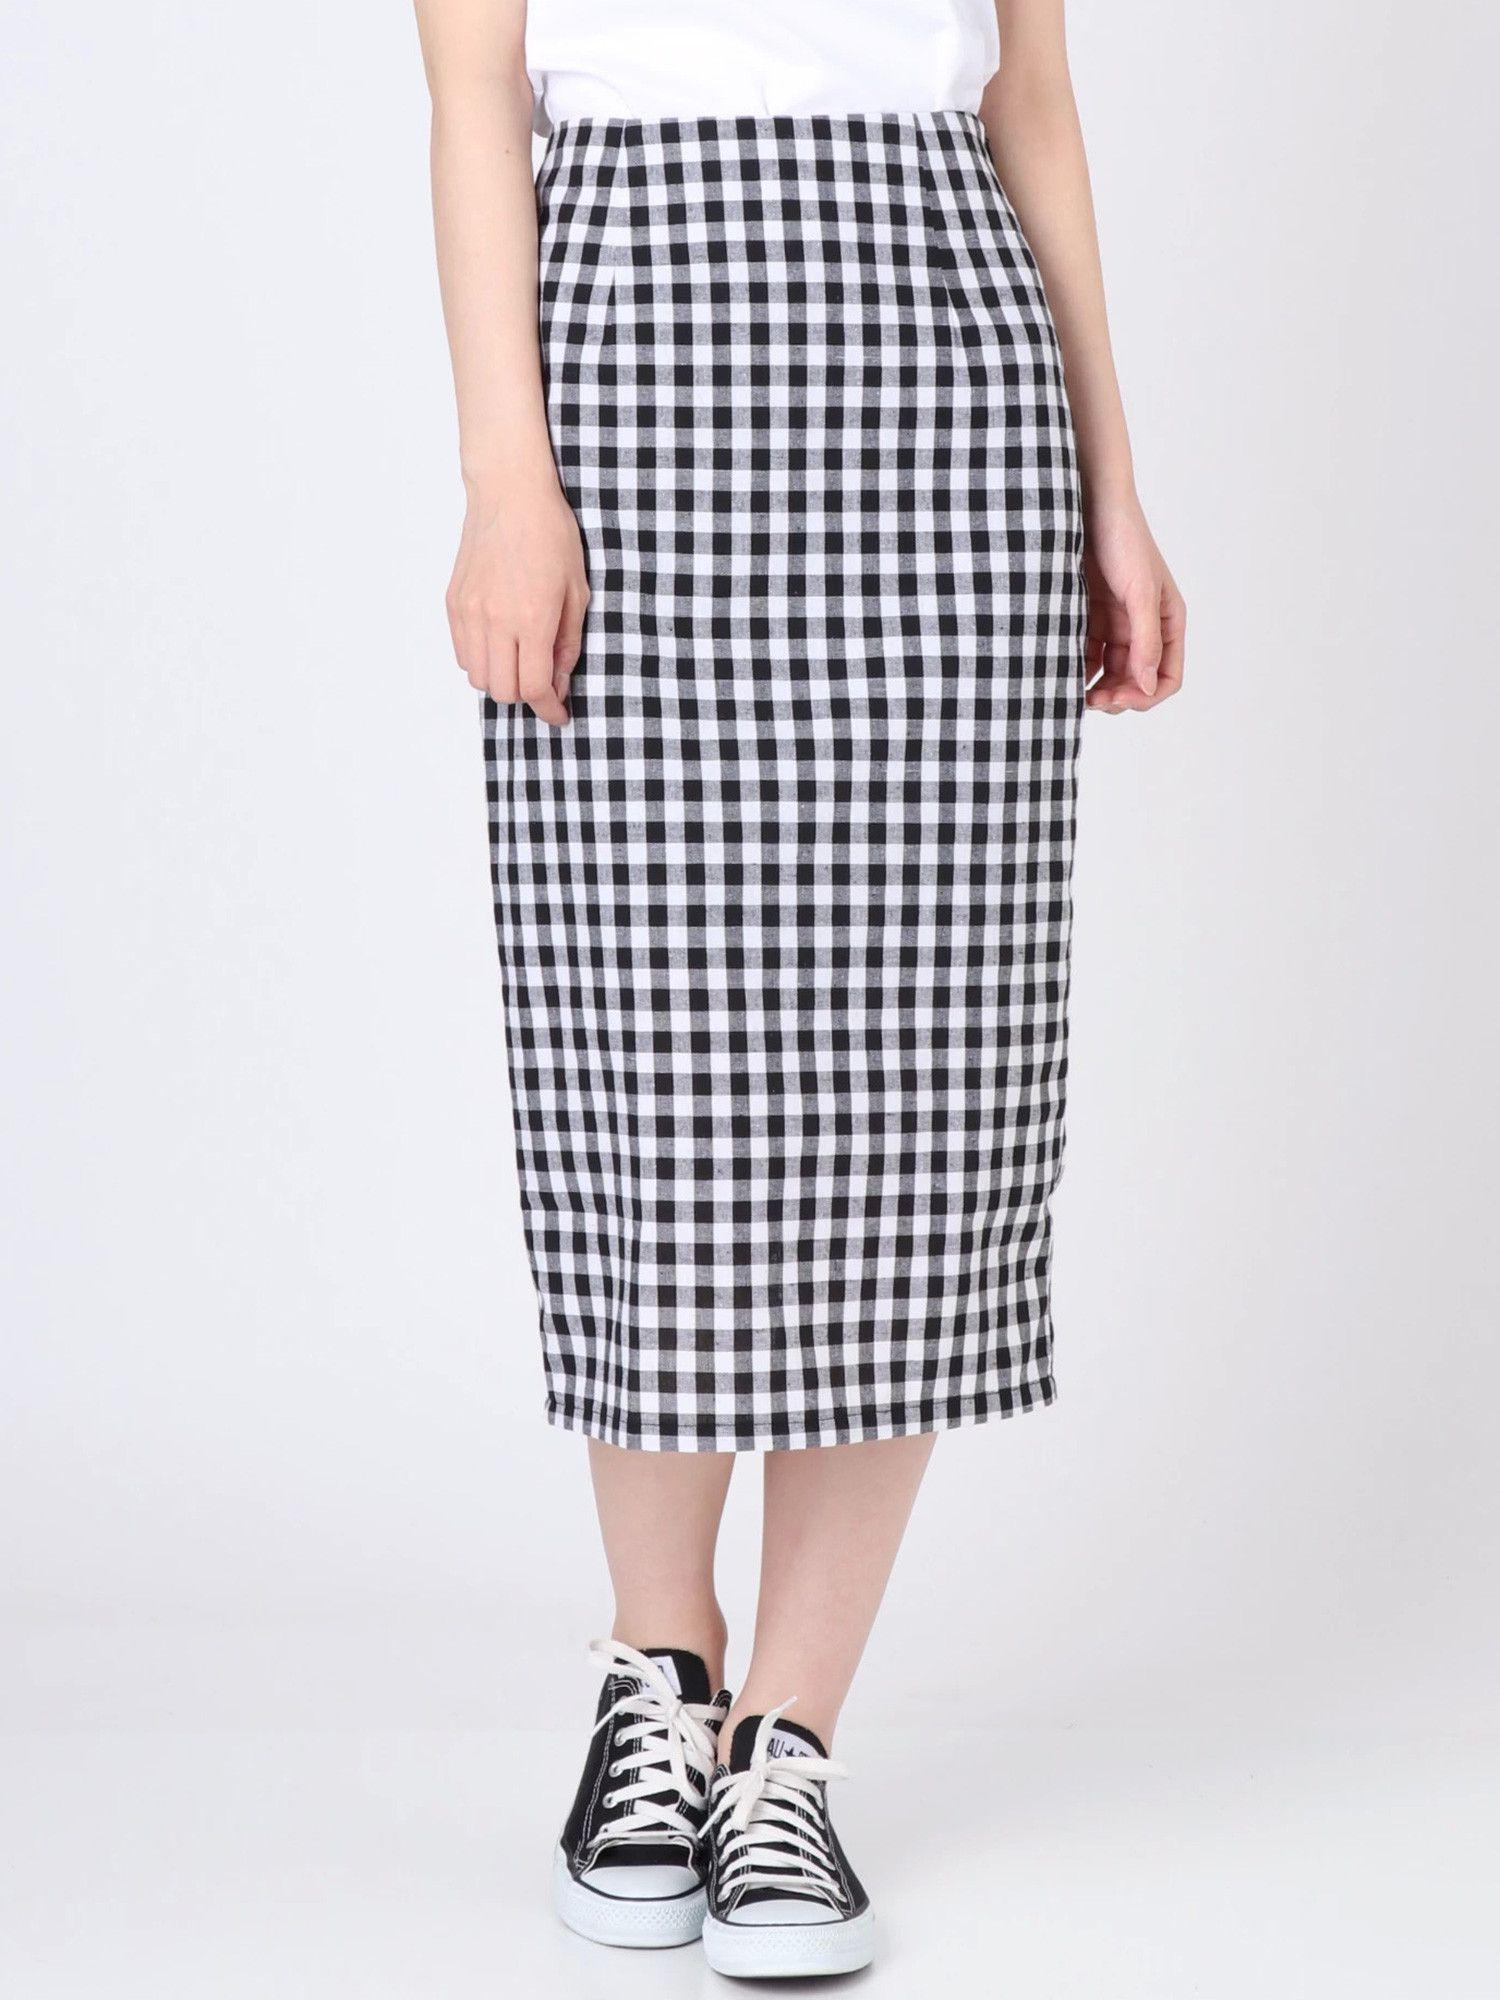 [妇女]条纹布检查紧身裙